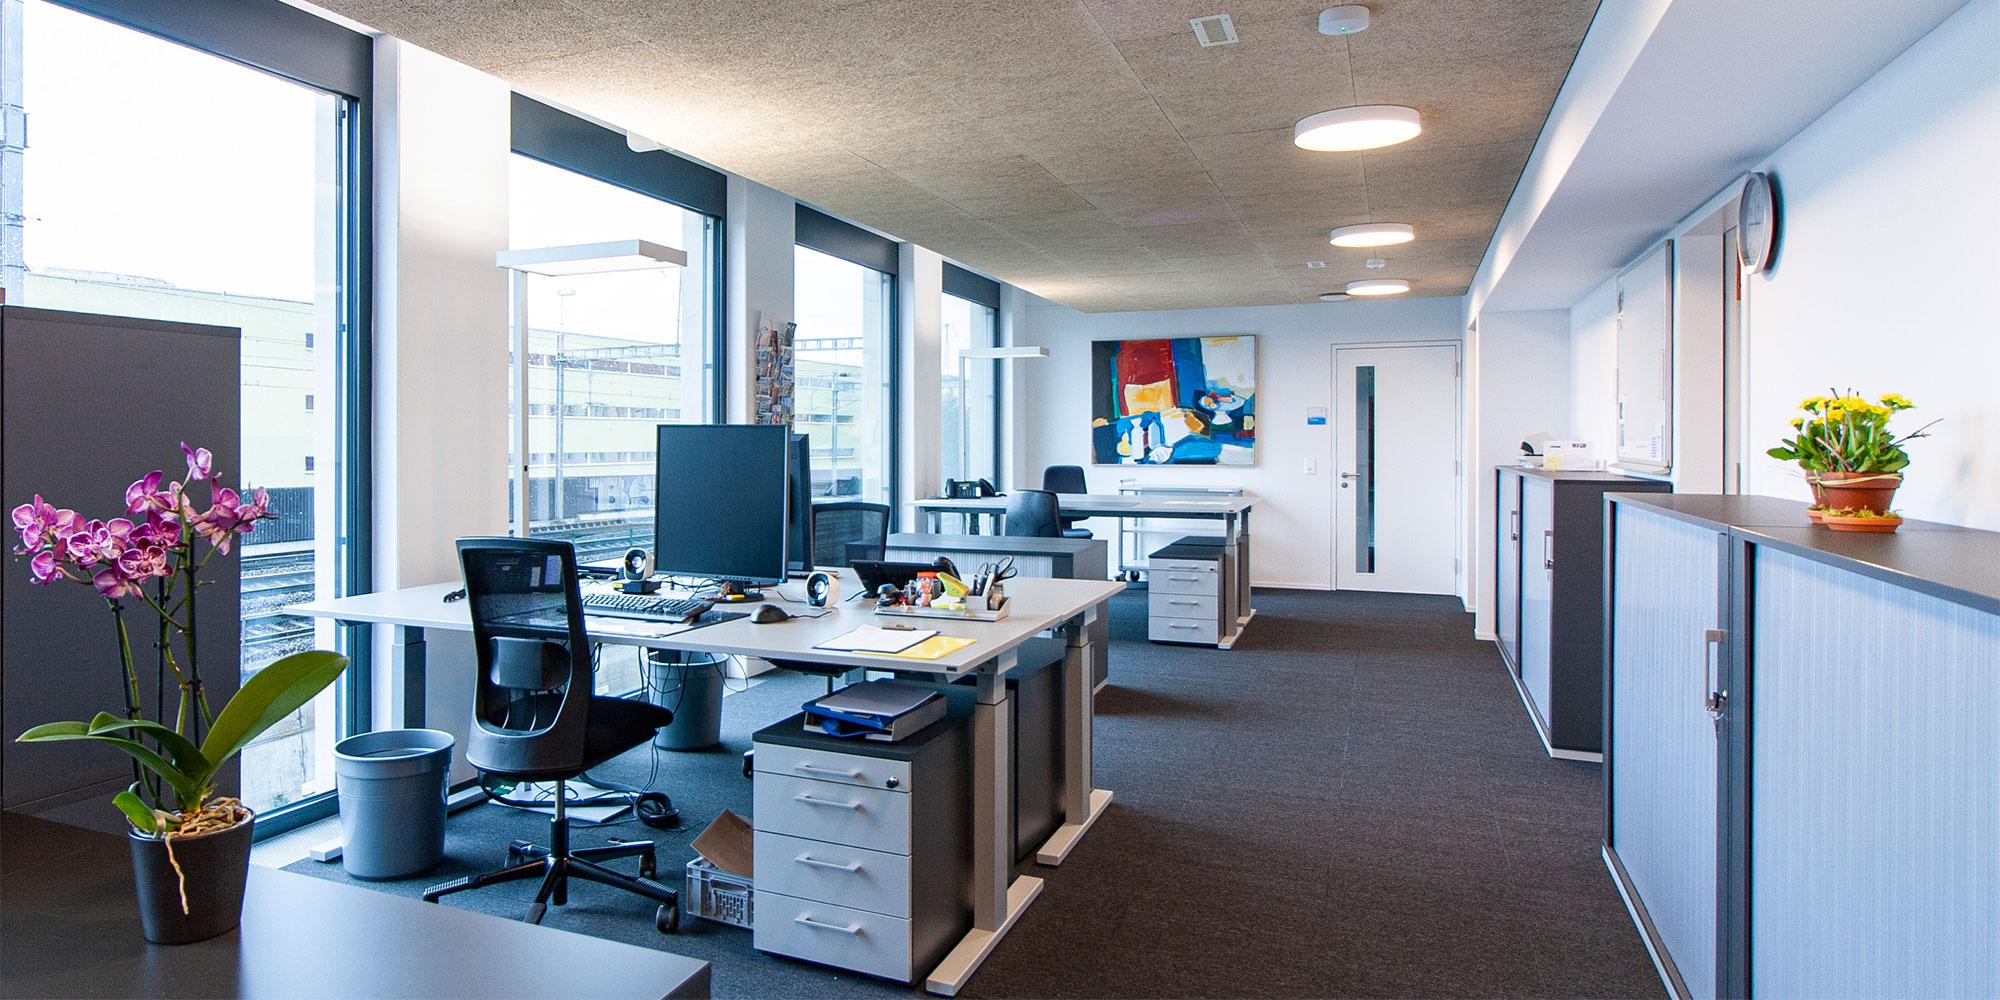 Büros werden mit der Cubic S2 Stehleuchten punktuell ausgeleuchtet. Die Grundbeleuchtung erfolgt mit der runden Basicleuchten. Beide leuchten sind von Lightnet.